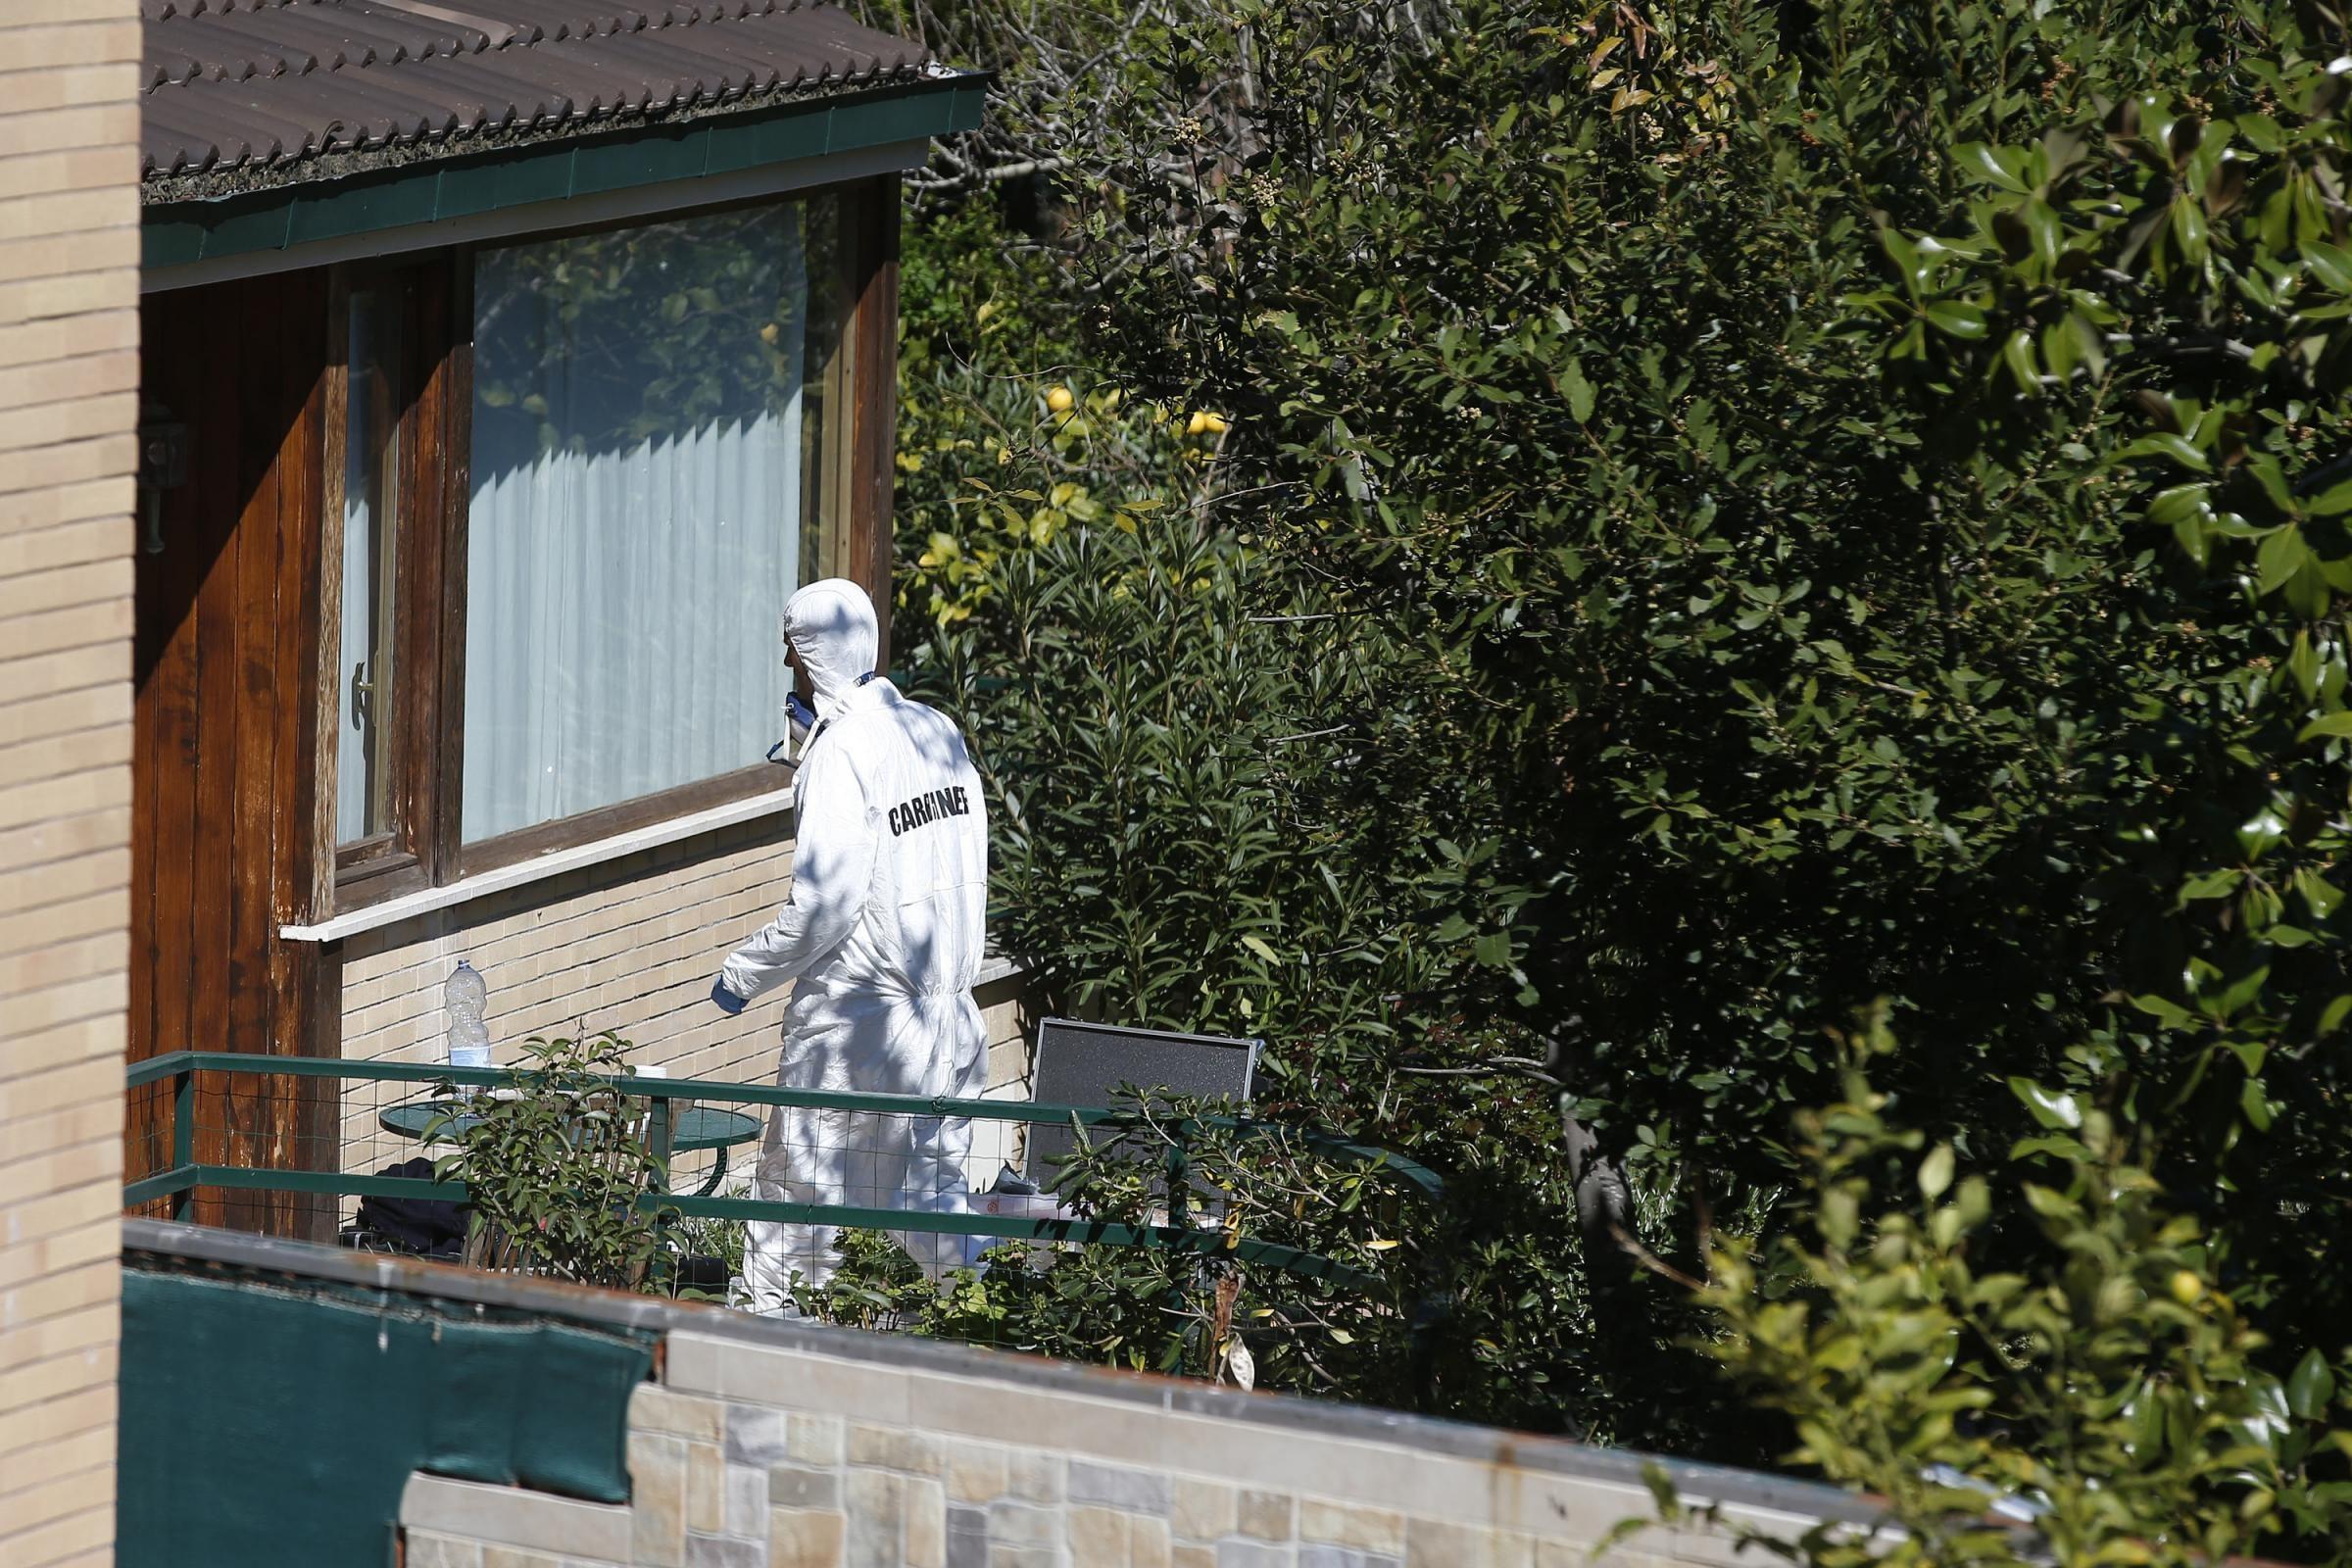 Casal Palocco, uccide la madre con 50 coltellate e mura il corpo: condannato a 14 anni di carcere